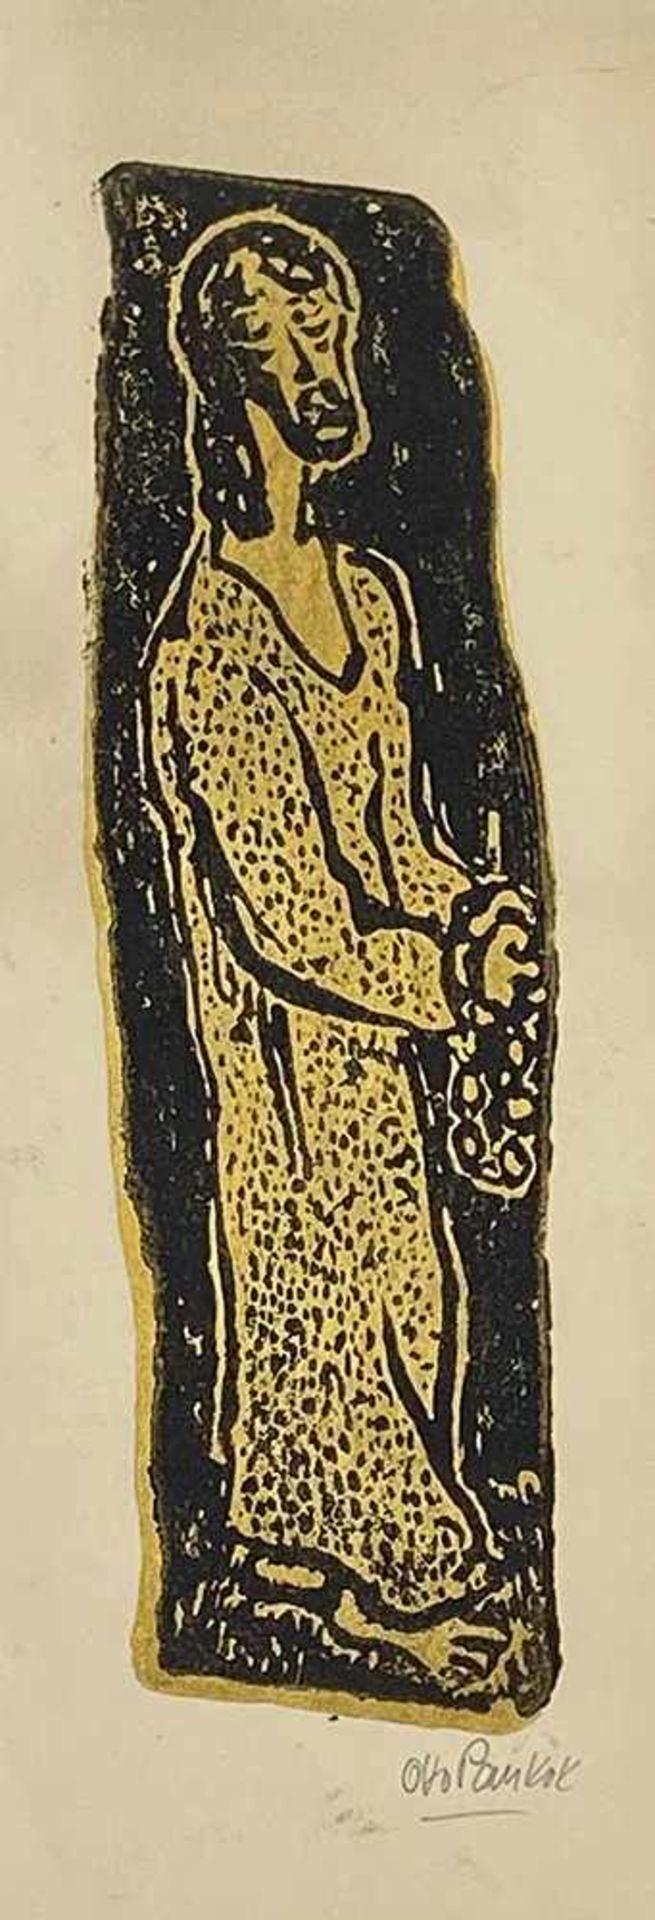 Otto Pankok 1893-1966